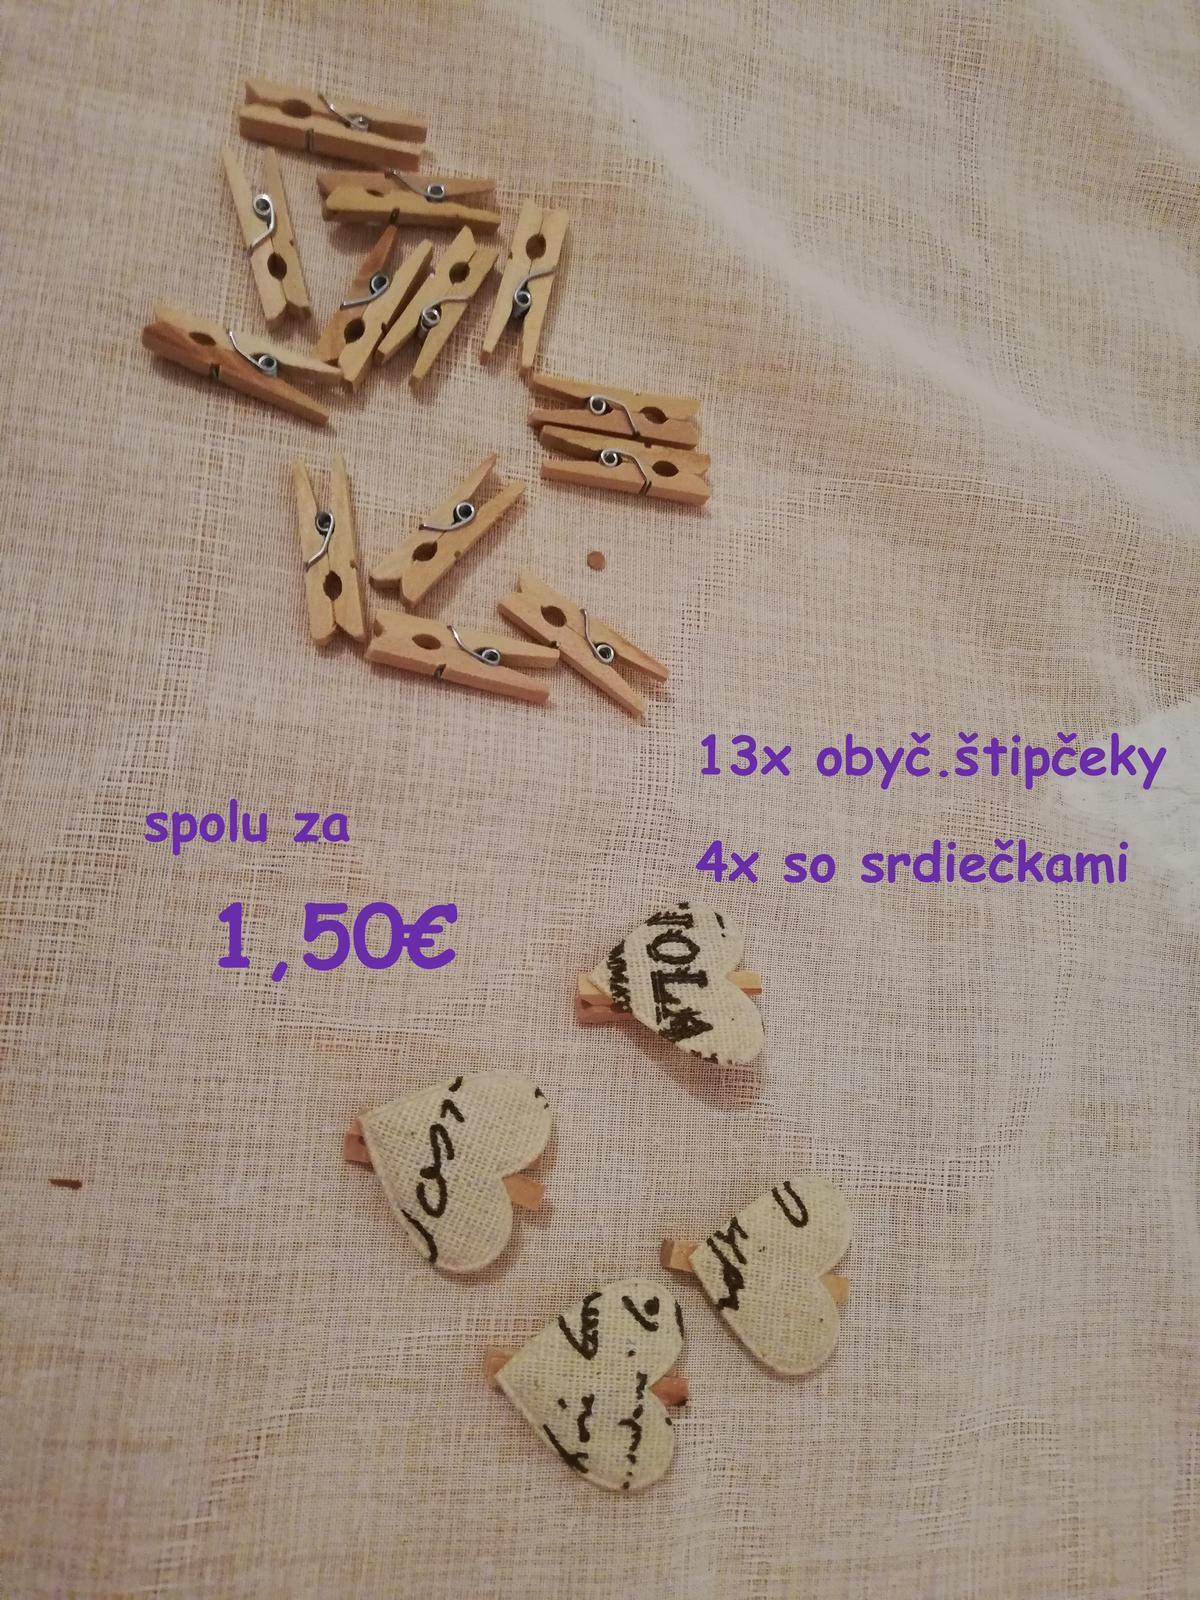 Fialové a prírodné štipčeky so srdiečkami, aj bez srdiečok - Obrázok č. 2